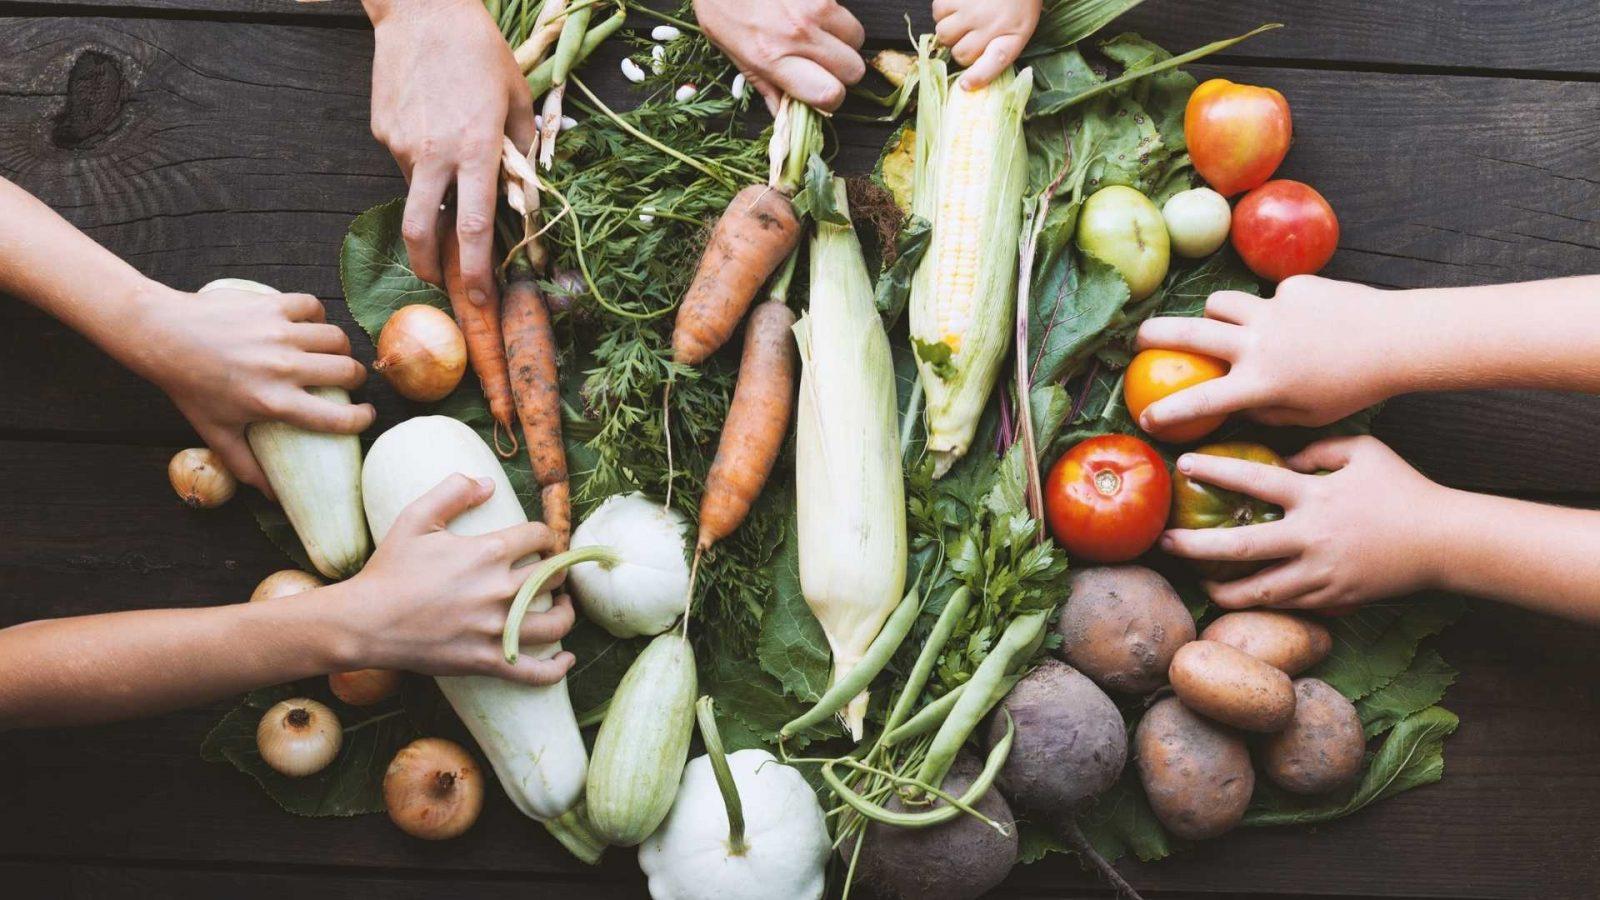 Sementi e piante per casa, giardino e frutta e verdura